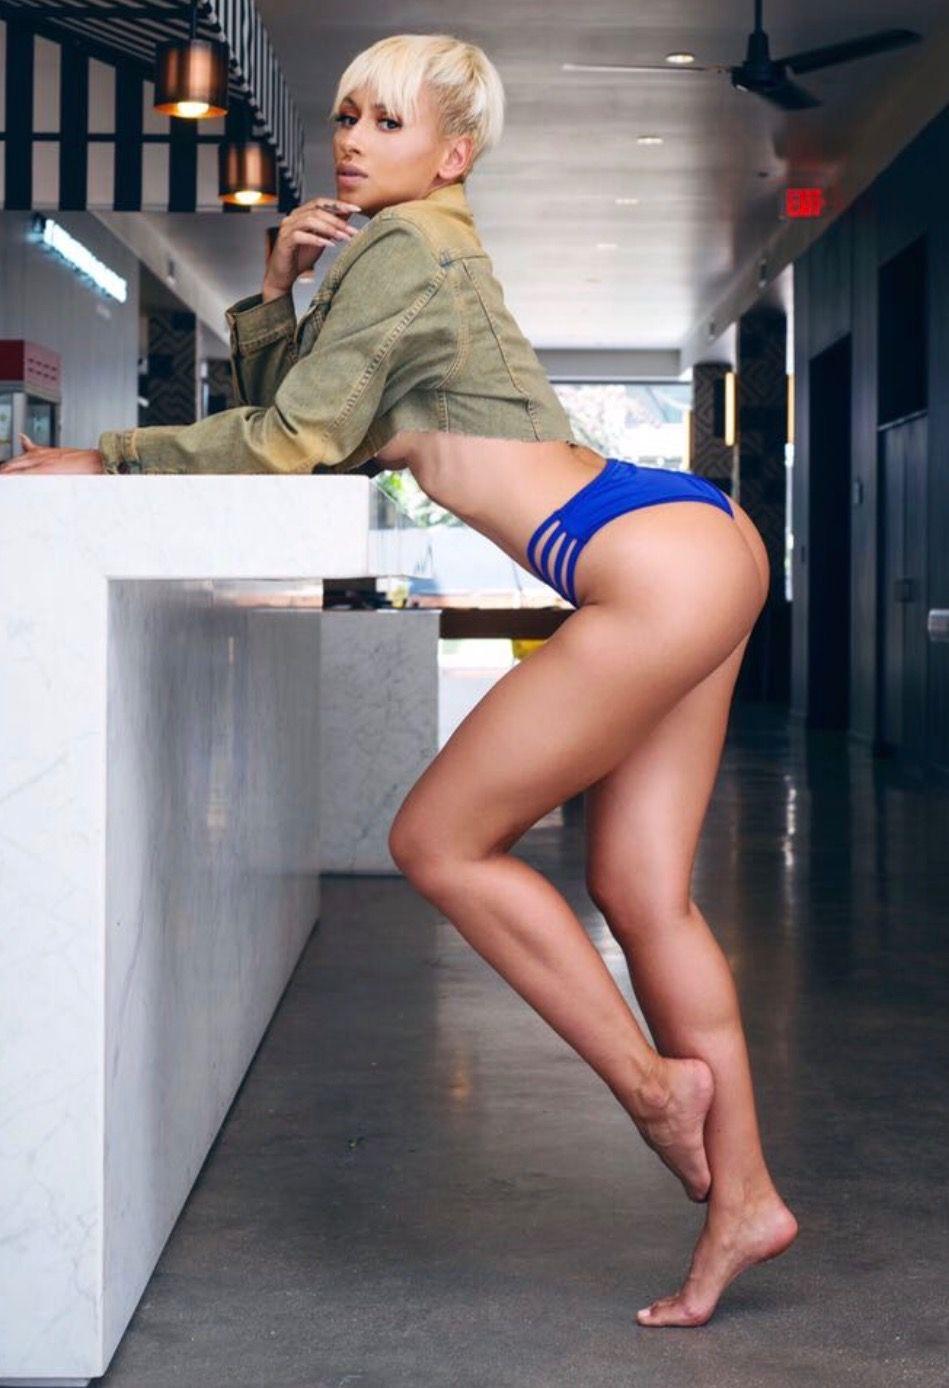 Yay or Nay Teri Polo Topless